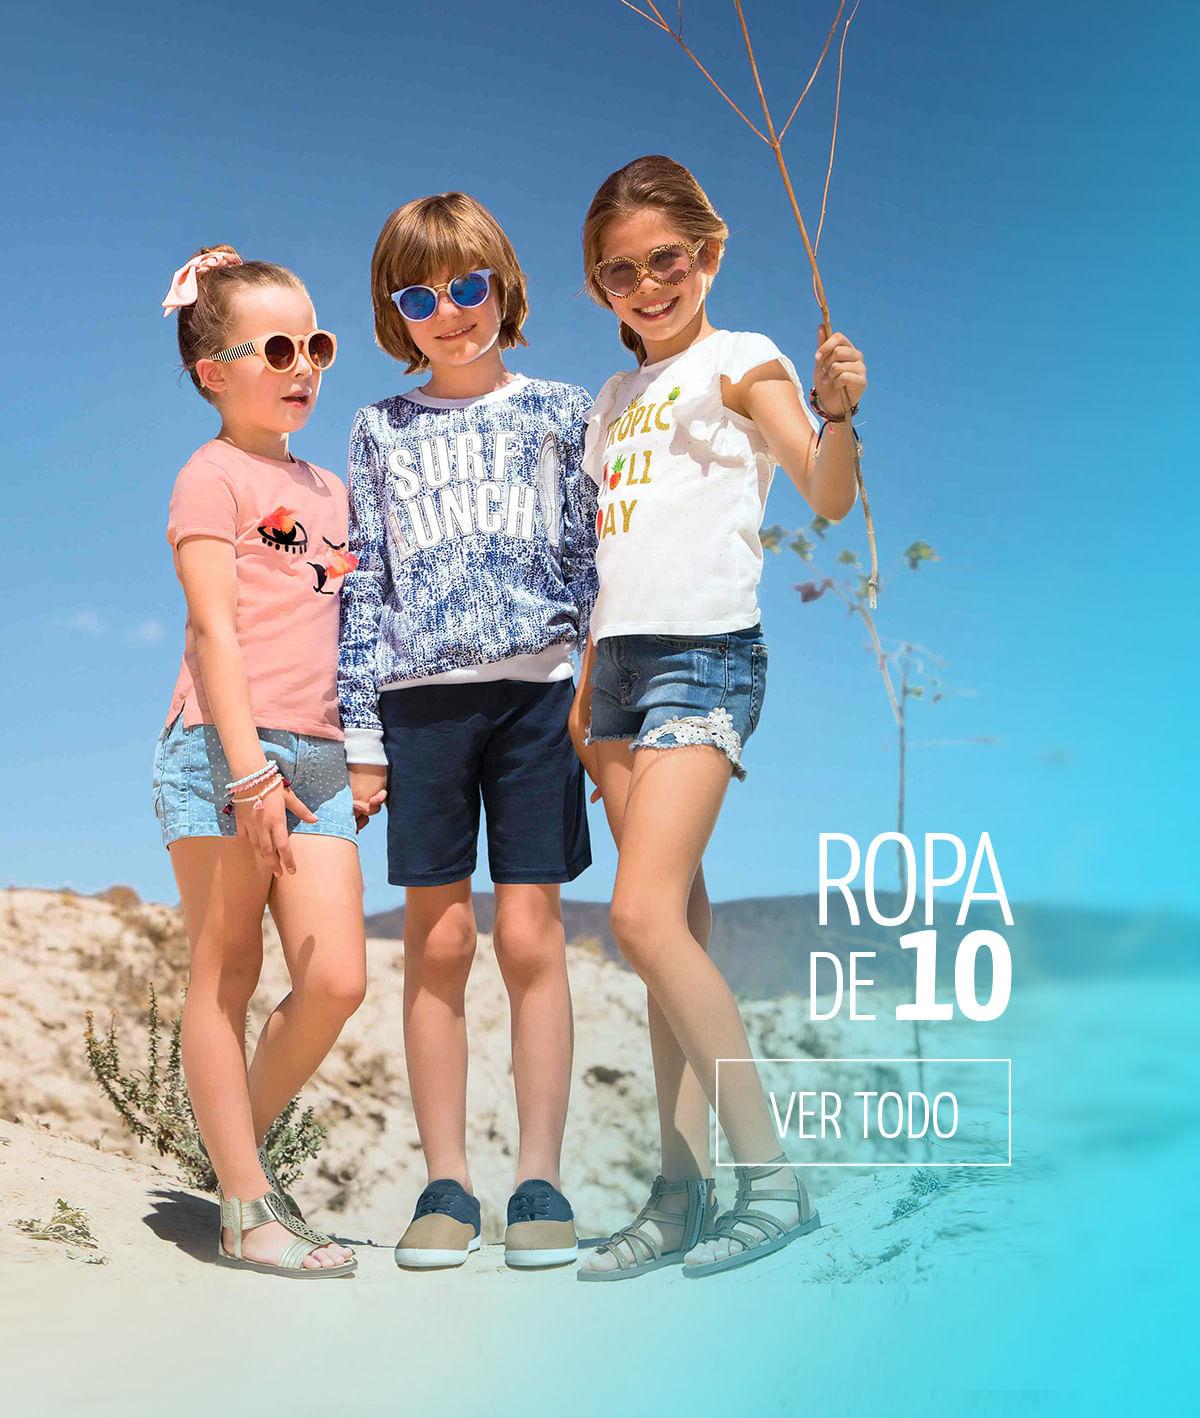 3855c5709d3a Andrea | Tienda Online | Zapatos, Ropa y Accesorios.